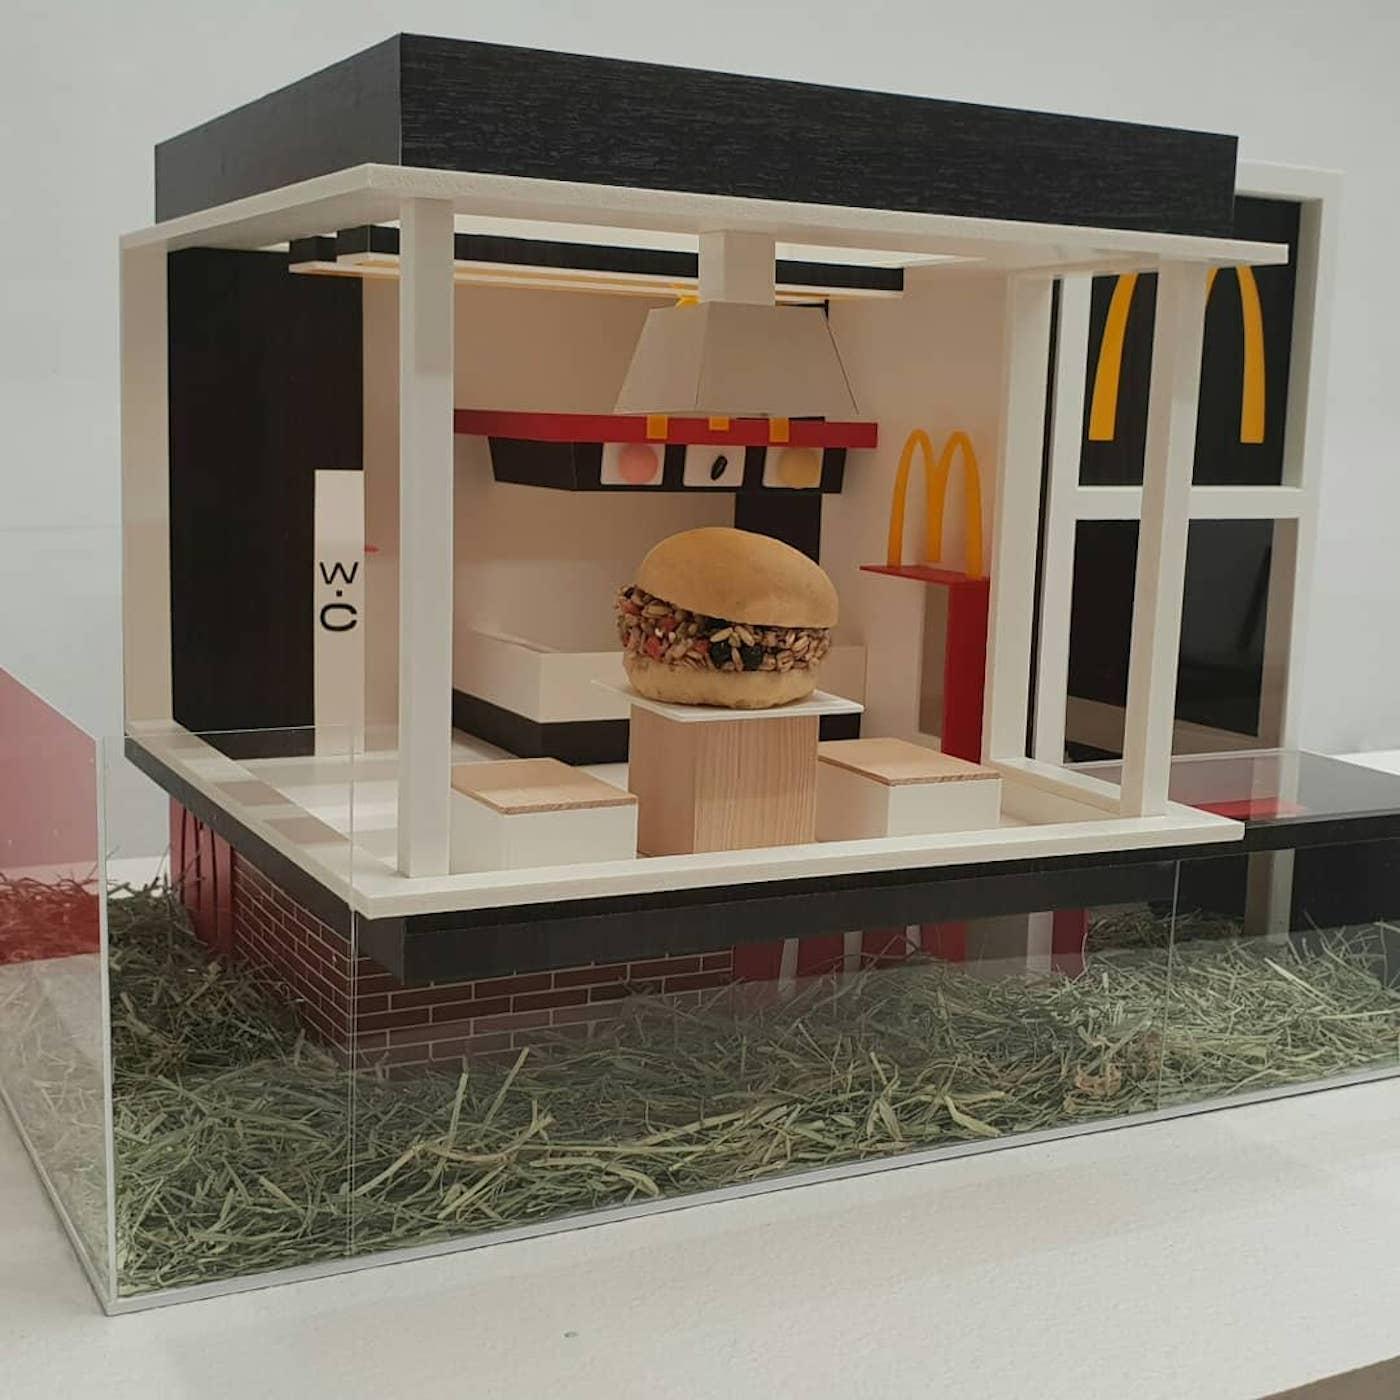 villas-hamsters-luxe-zit-studio-14